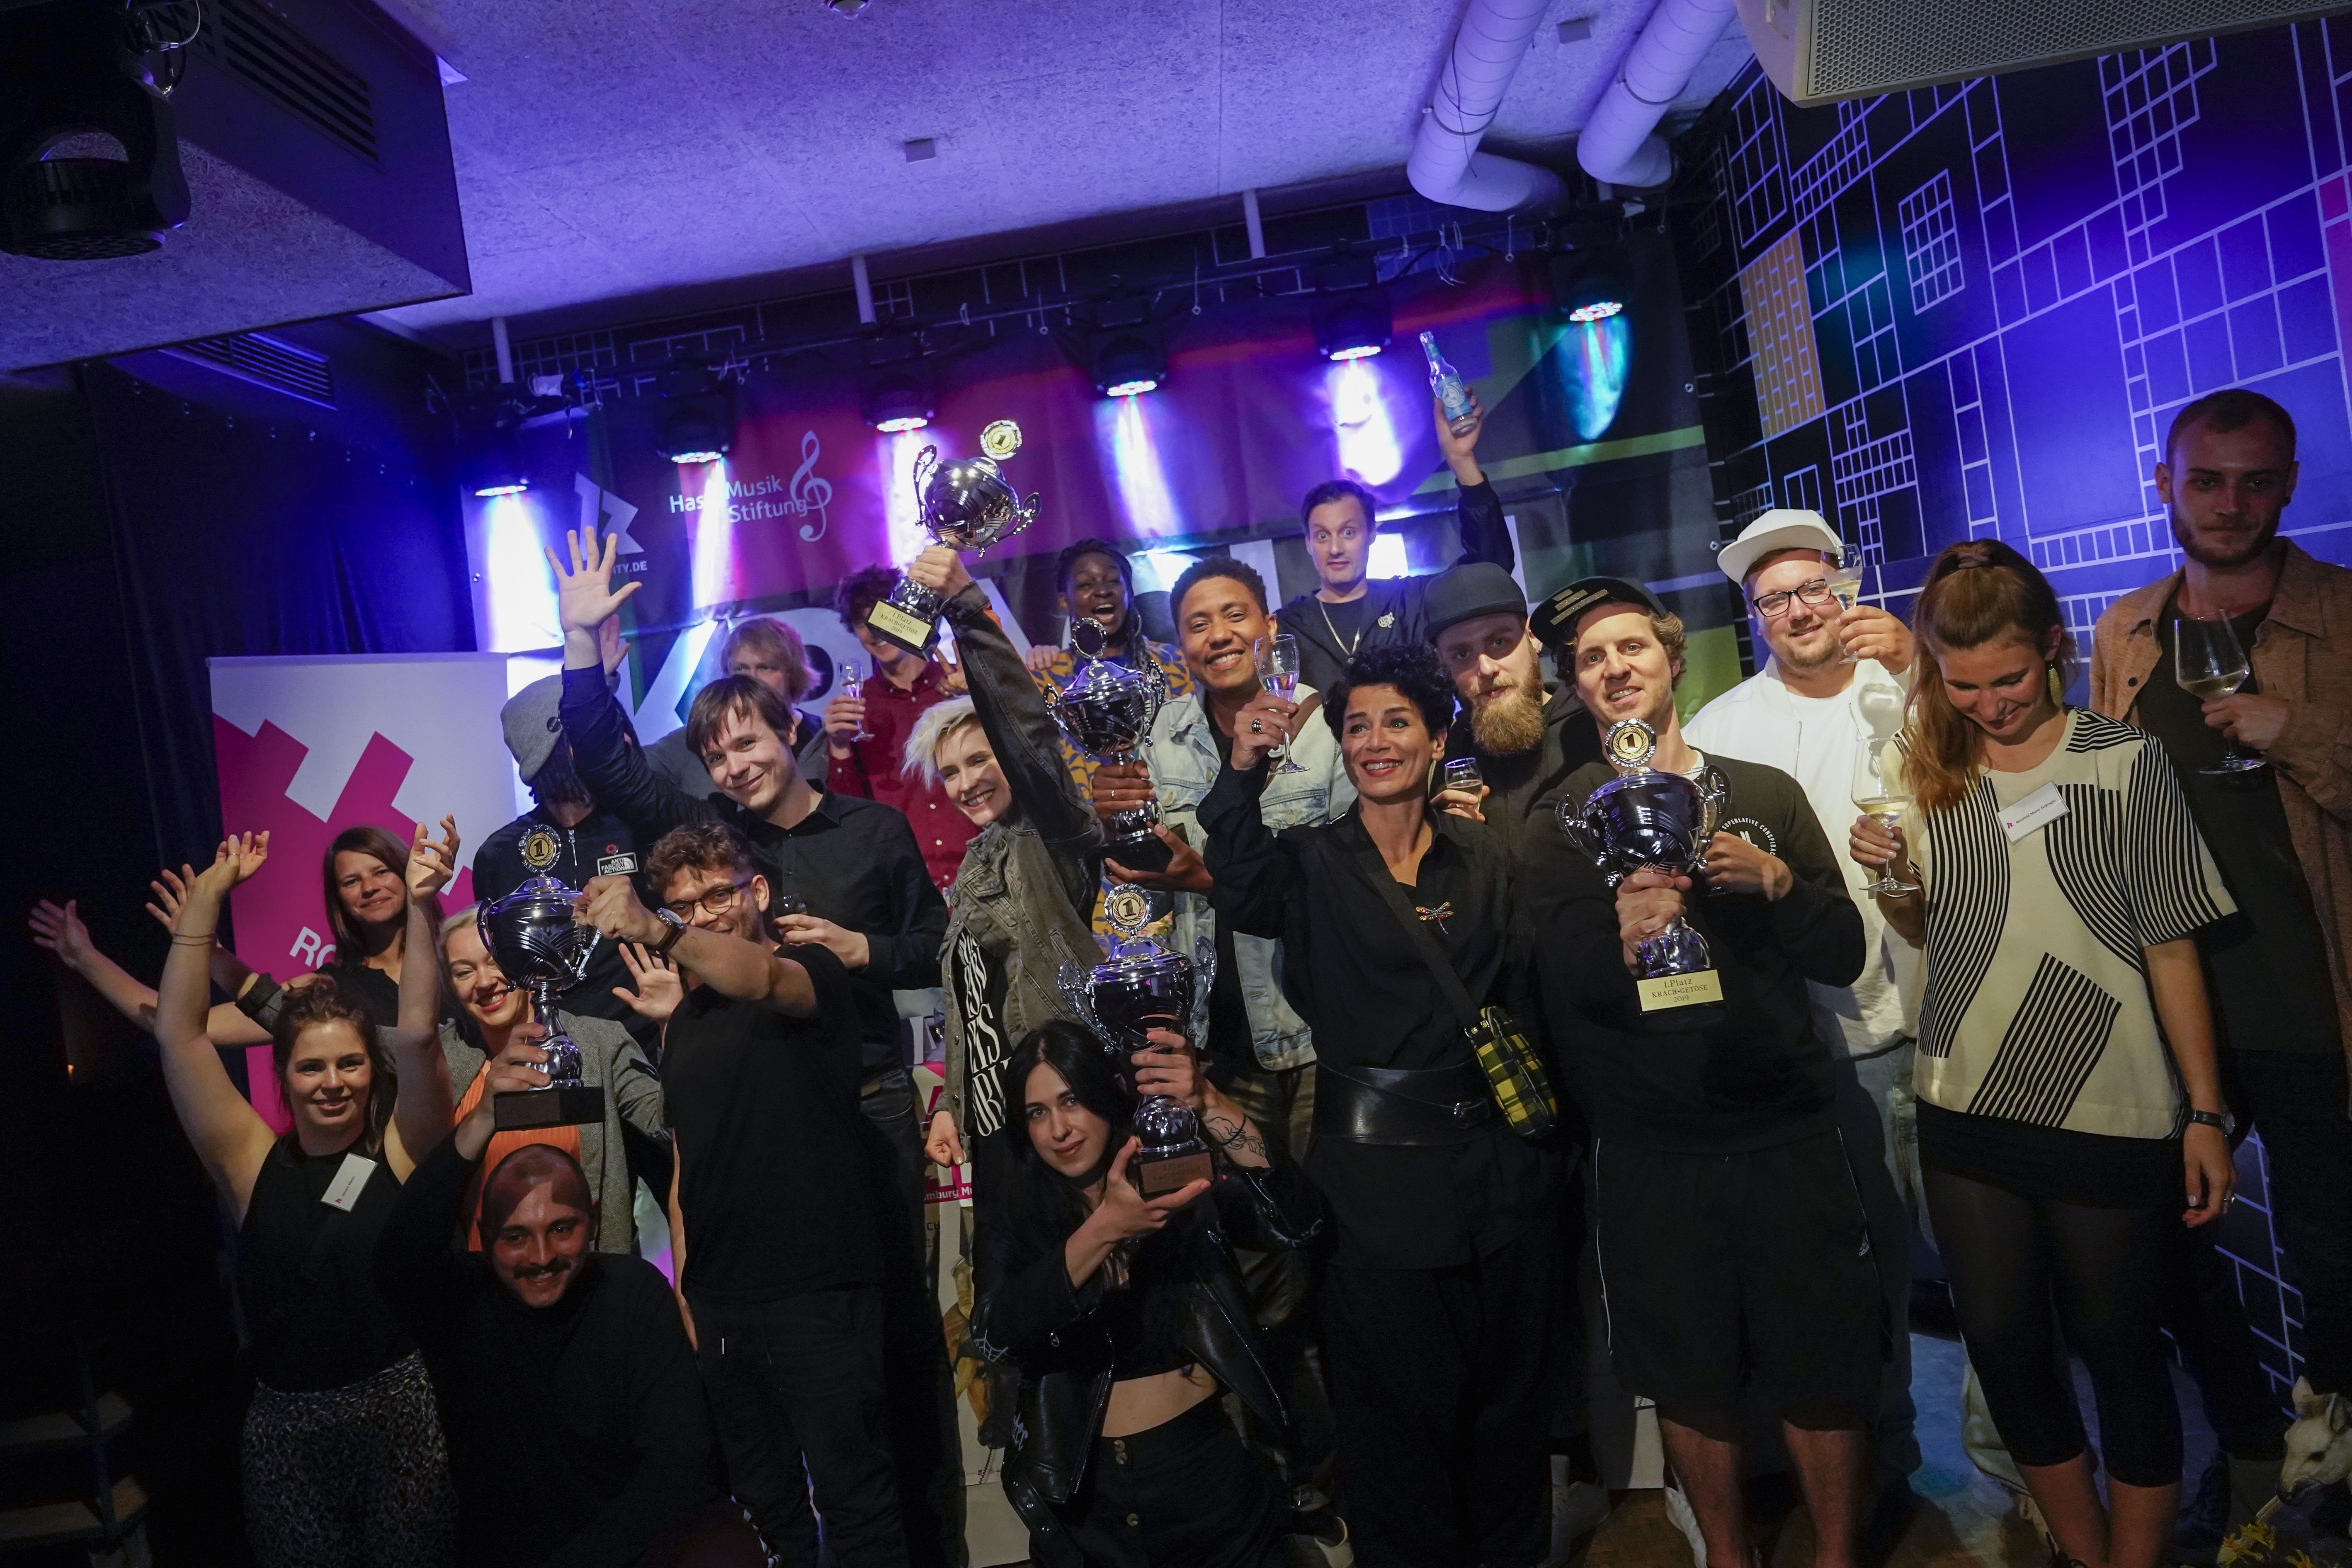 Krach+Getöse, Gewinner, Bands, Musikpreis, pop, award, Häkken, Club, Hamburg, St. Pauli, RockCity, Malonda, Deine Cousine, group, team